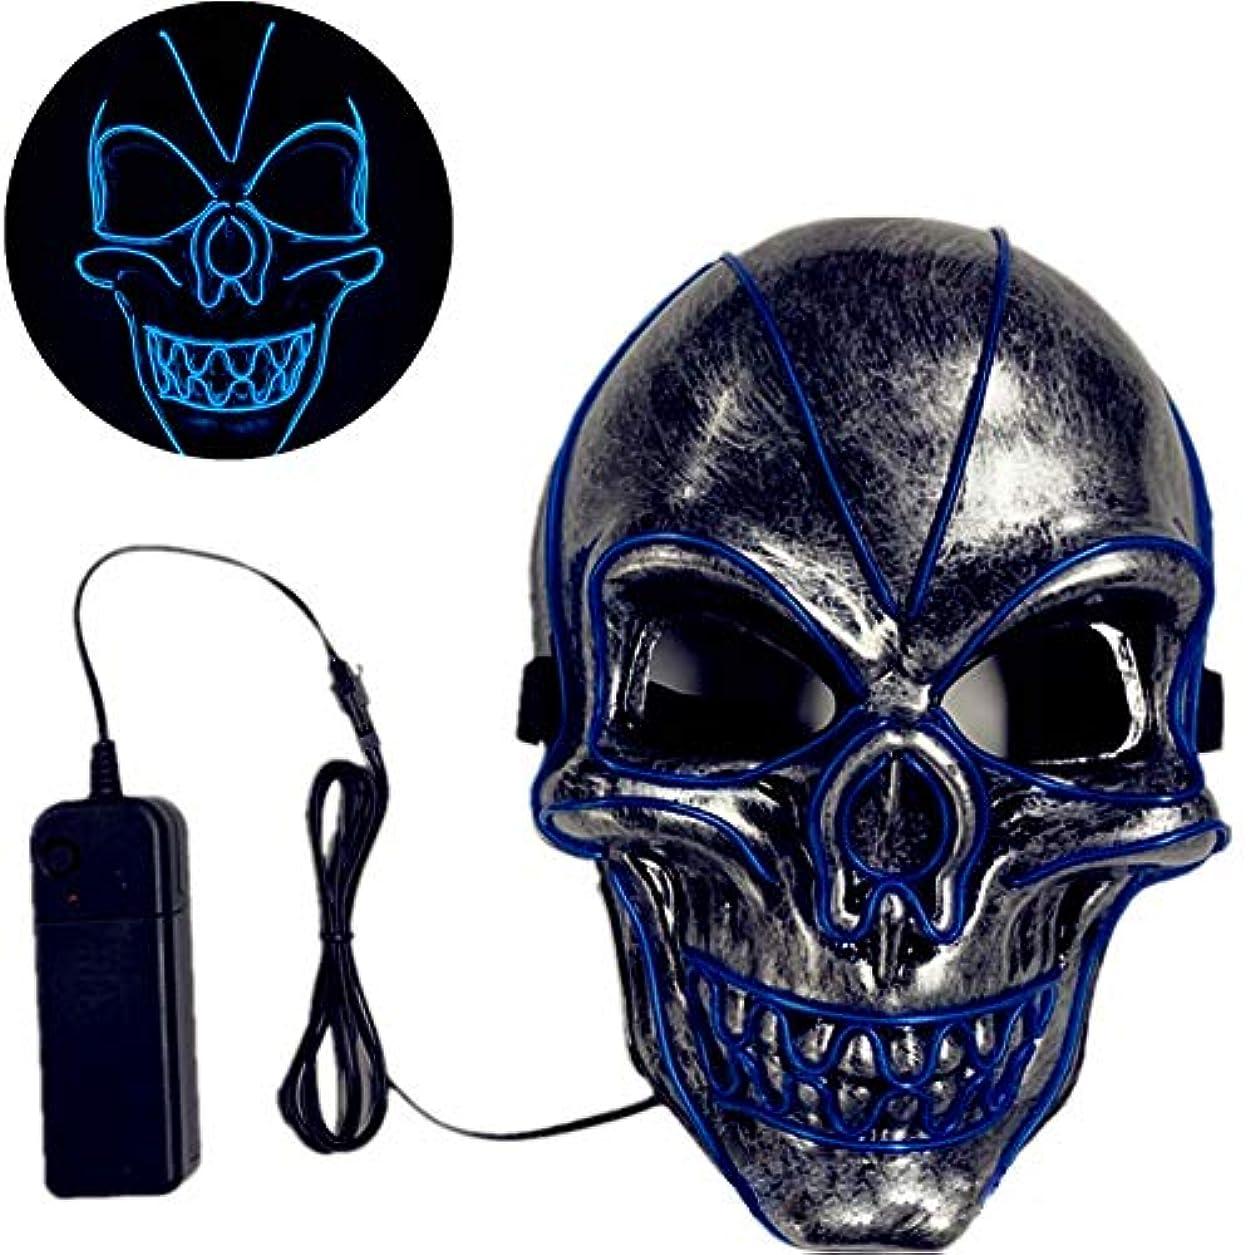 ブラジャー悲しむ徹底的にテーマパーティー、カーニバル、ハロウィーン、レイブパーティー、仮面舞踏会などに適したハロウィーンマスク、LEDマスク,Blue